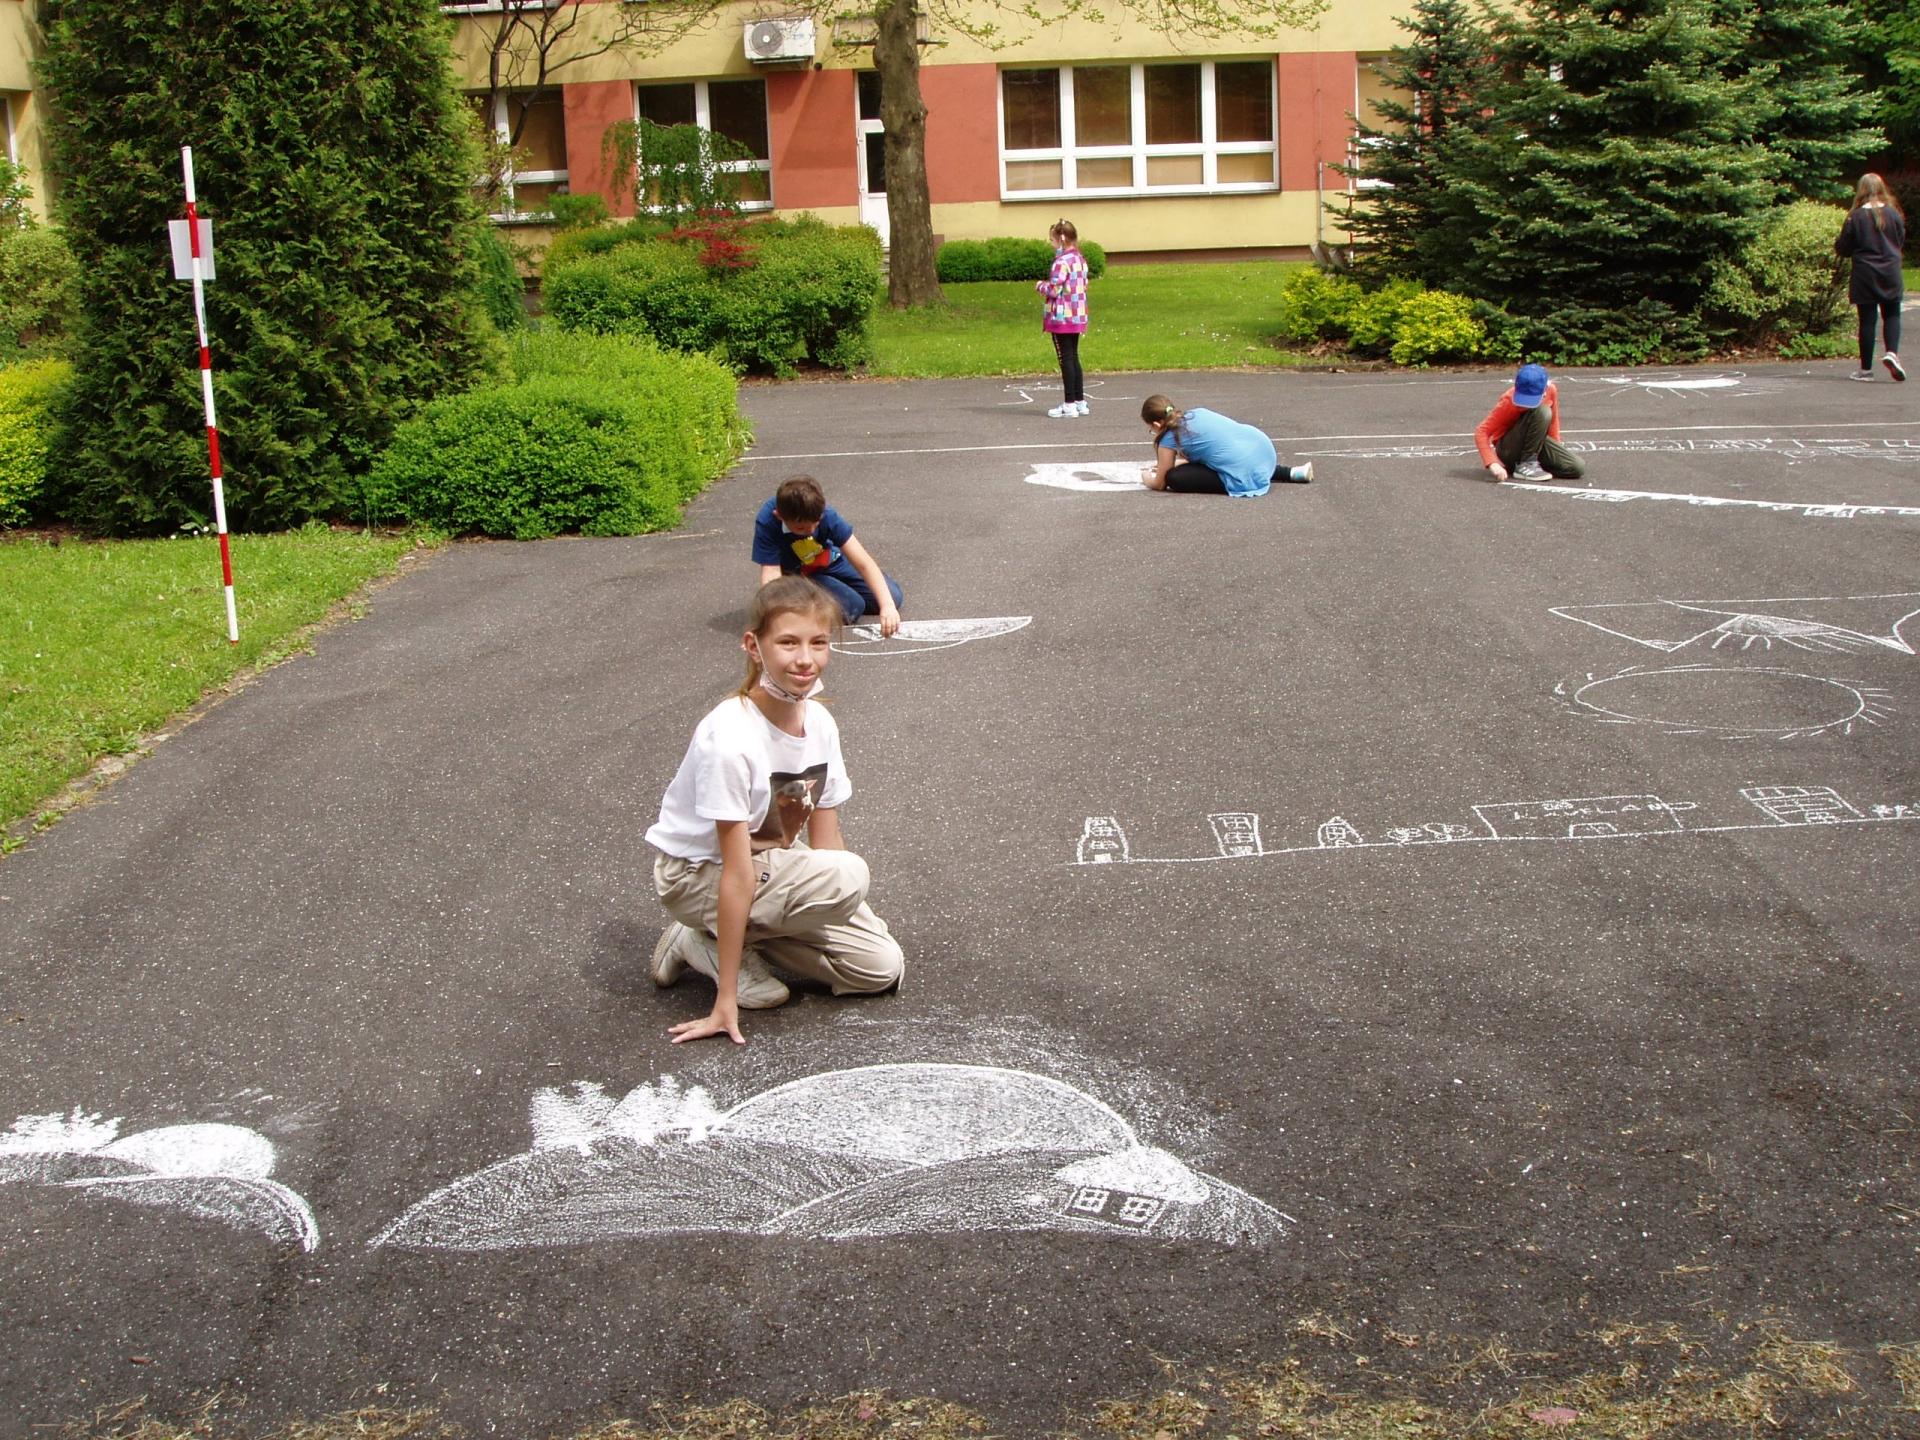 Malování na asfalt